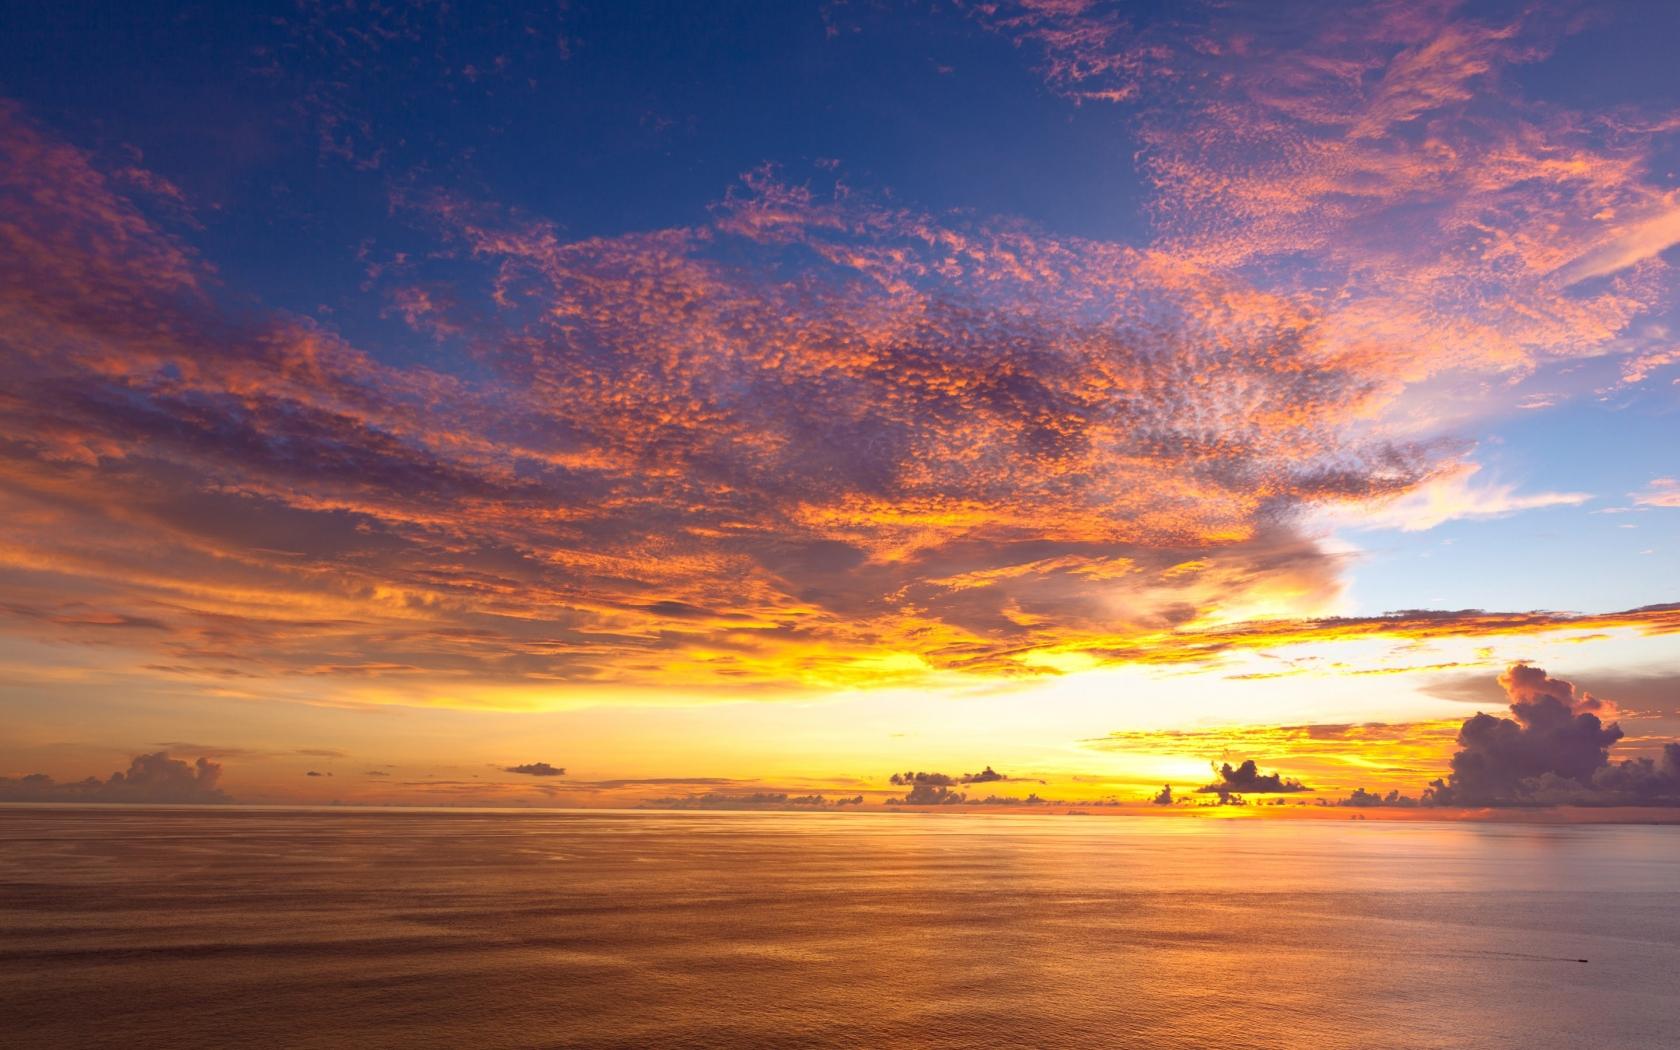 Bellas puestas de sol - 1680x1050